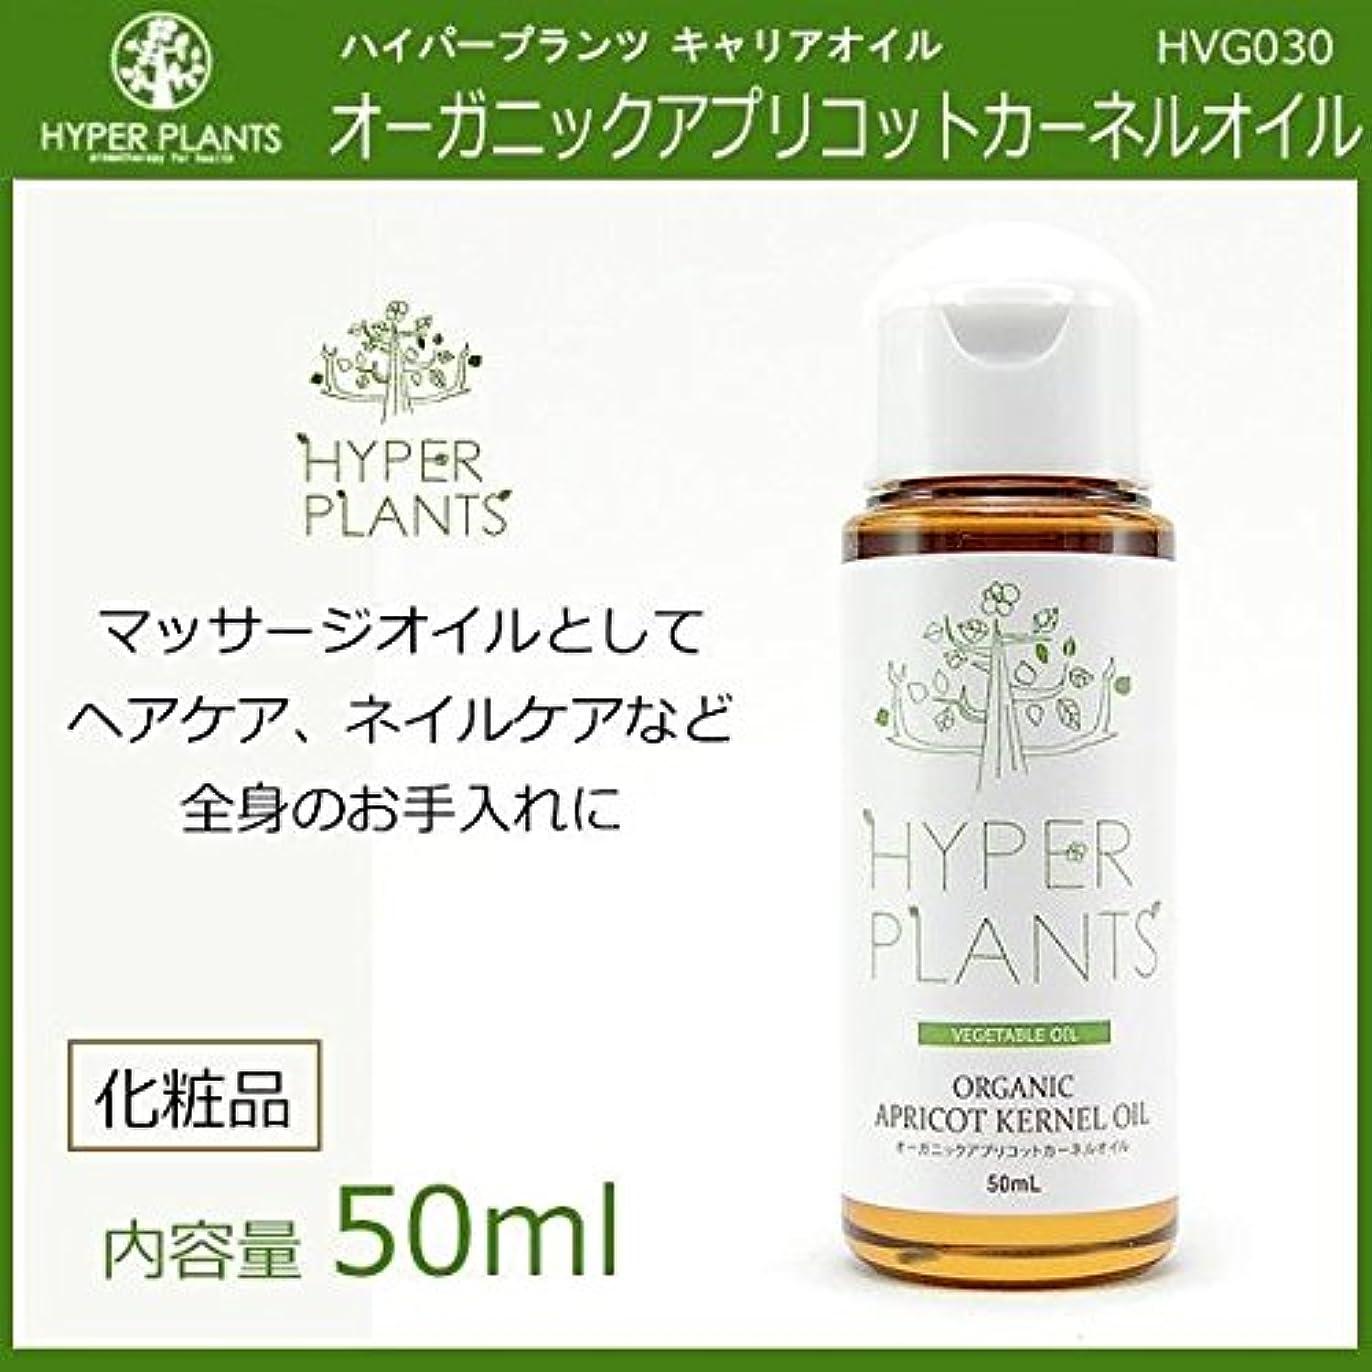 不愉快にソート演じるHYPER PLANTS ハイパープランツ キャリアオイル オーガニックアプリコットカーネルオイル 50ml HVG030